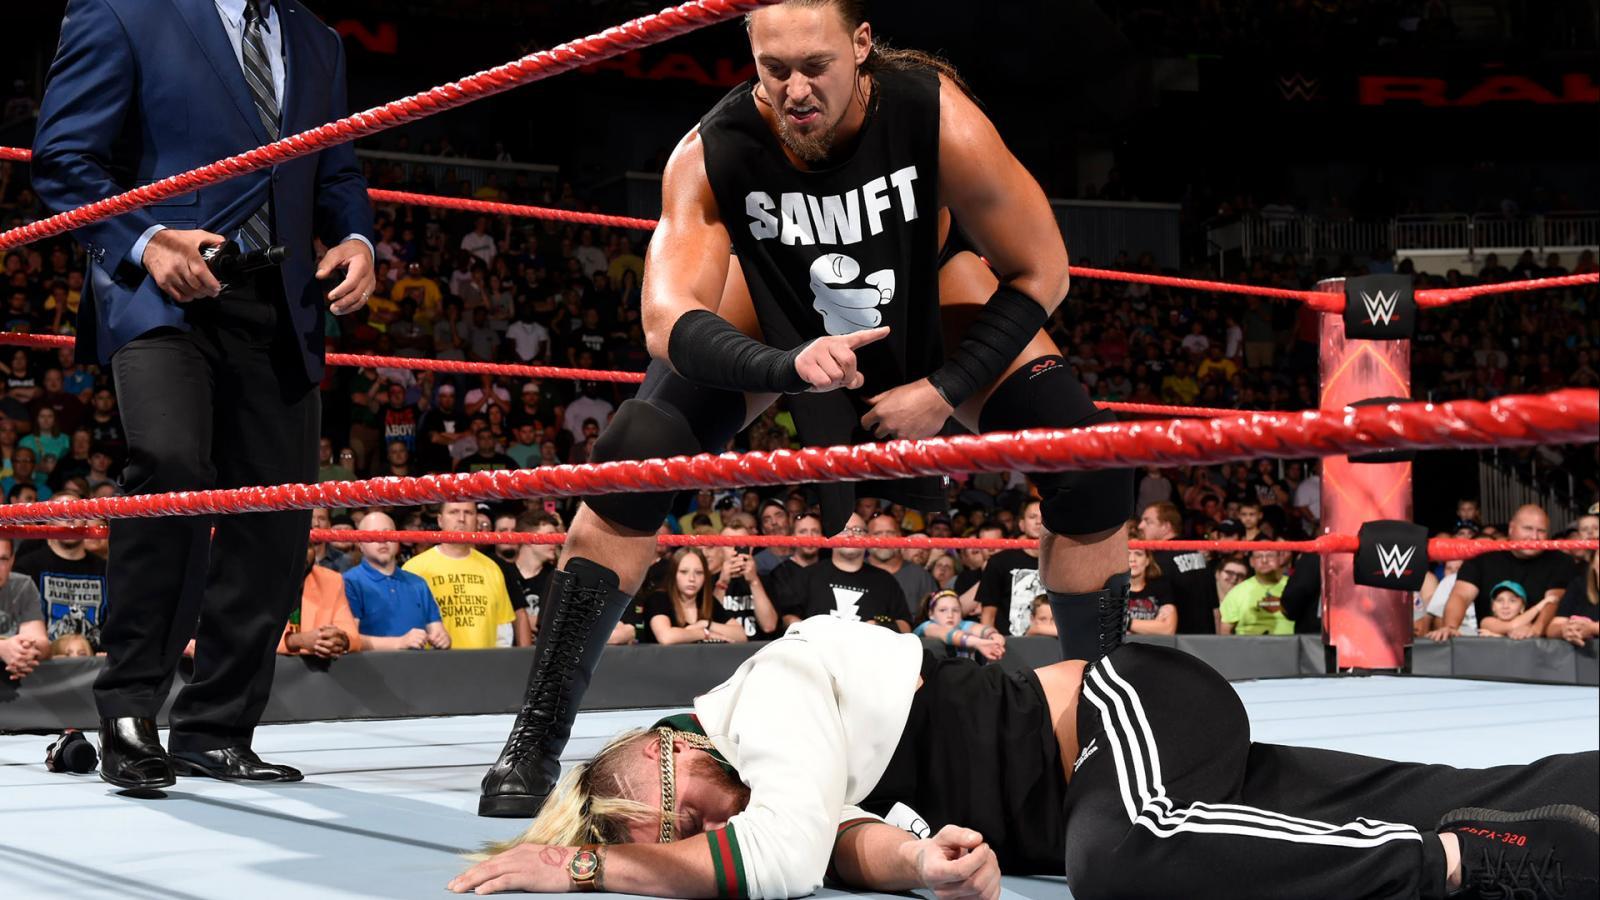 WWE RAW रिजल्ट्स : 20 जून 2017 : आज के रॉ में साफ़ हुआ किसने लगातार किया था एंजो और बिग कैस पर हमला 1